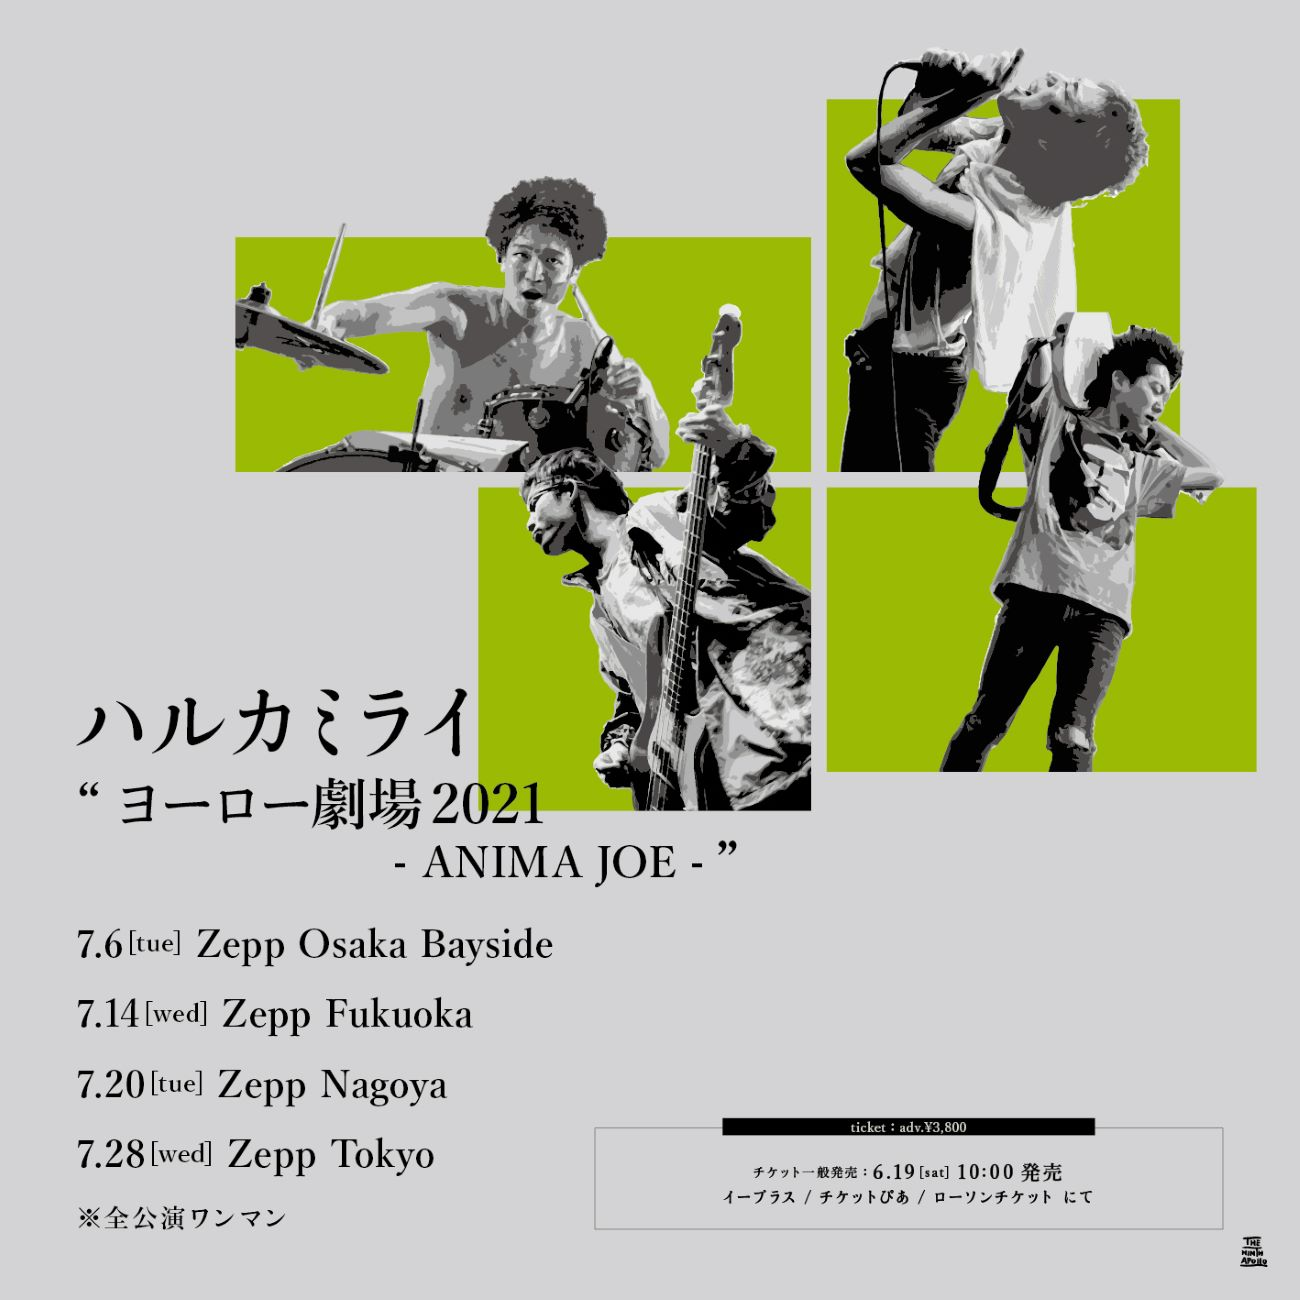 ハルカミライ│ハルカミライpresents「ヨーロー劇場2021 - ANIMA JOE - 」